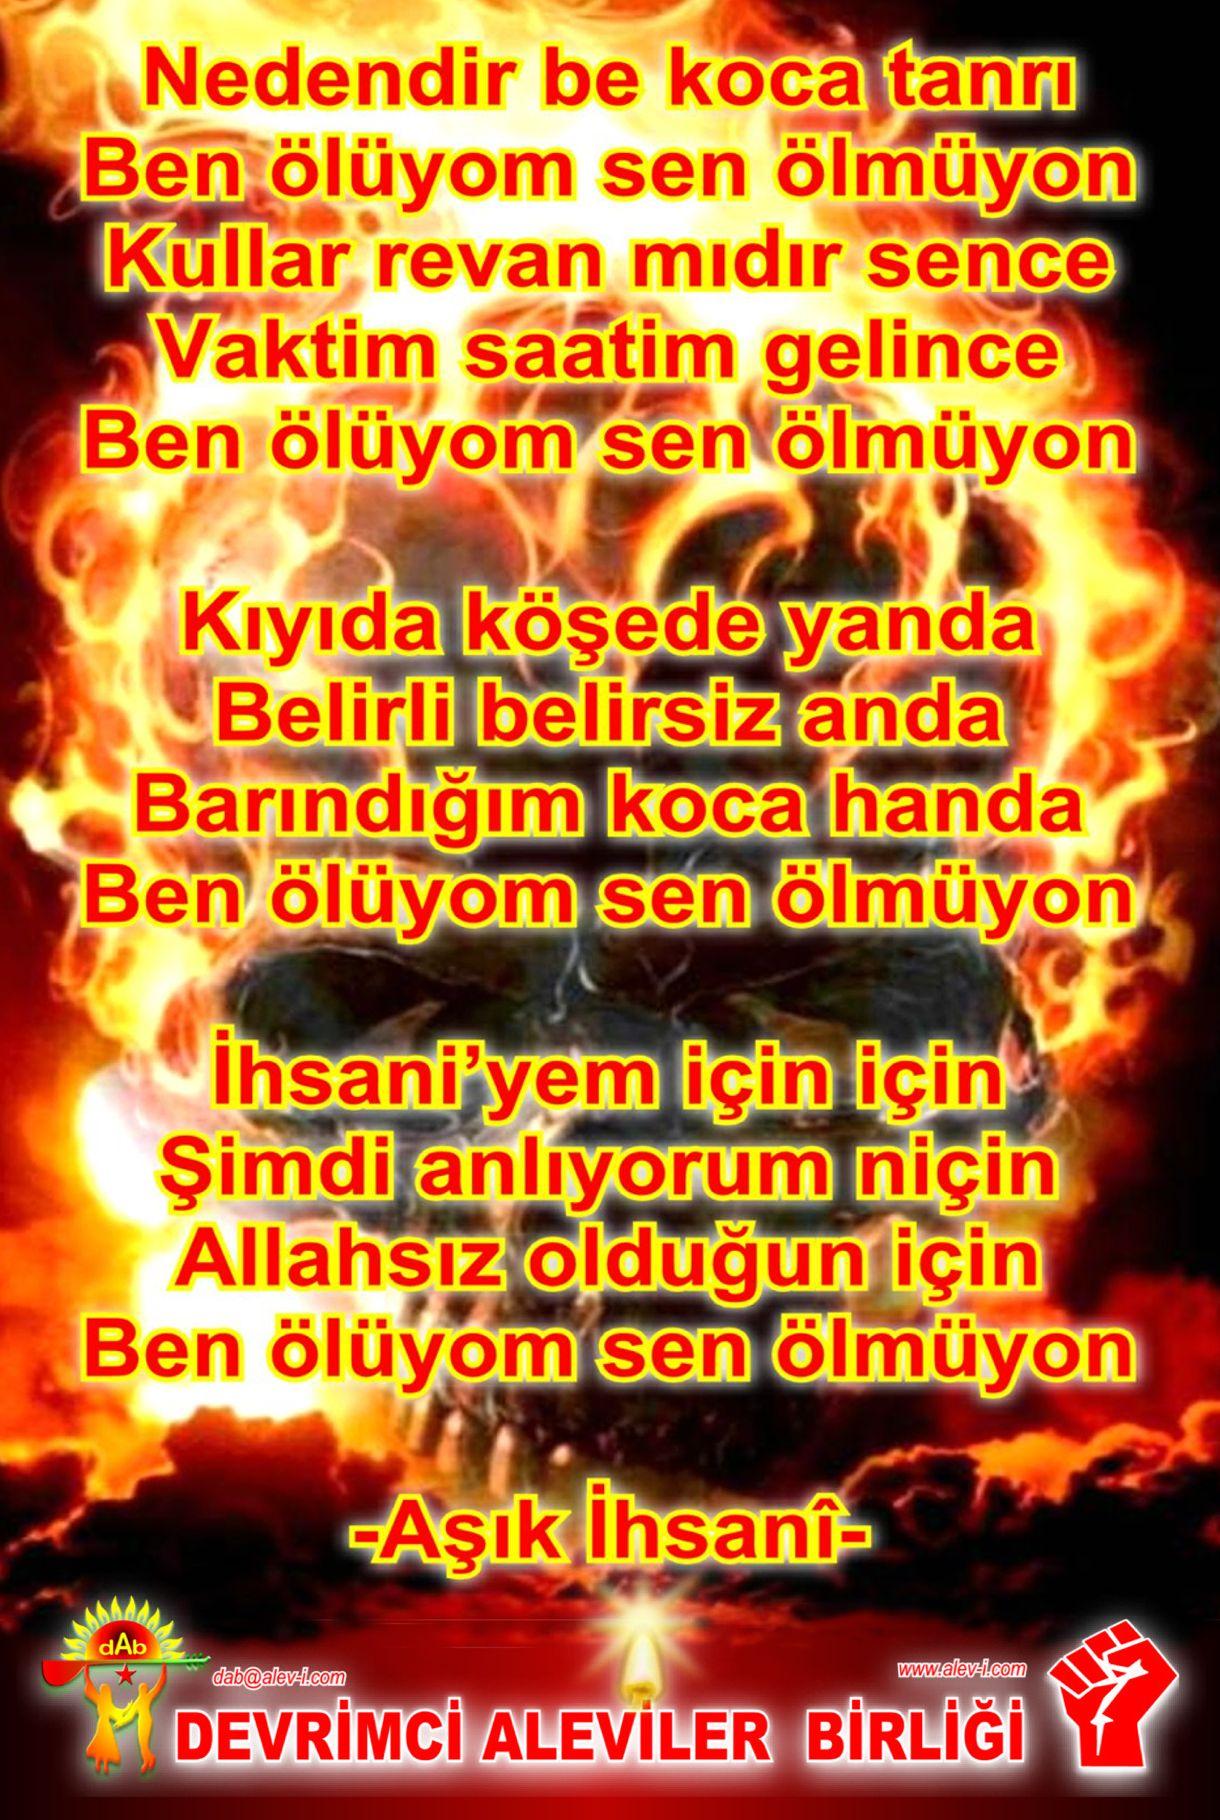 Alevi Bektaşi Kızılbaş Pir Sultan İslam dışı Atatürk faşist ehlibeyt 12 imam Devrimci Aleviler Birliği DAB devrimci Aleviler birligi DAB senolmuyon